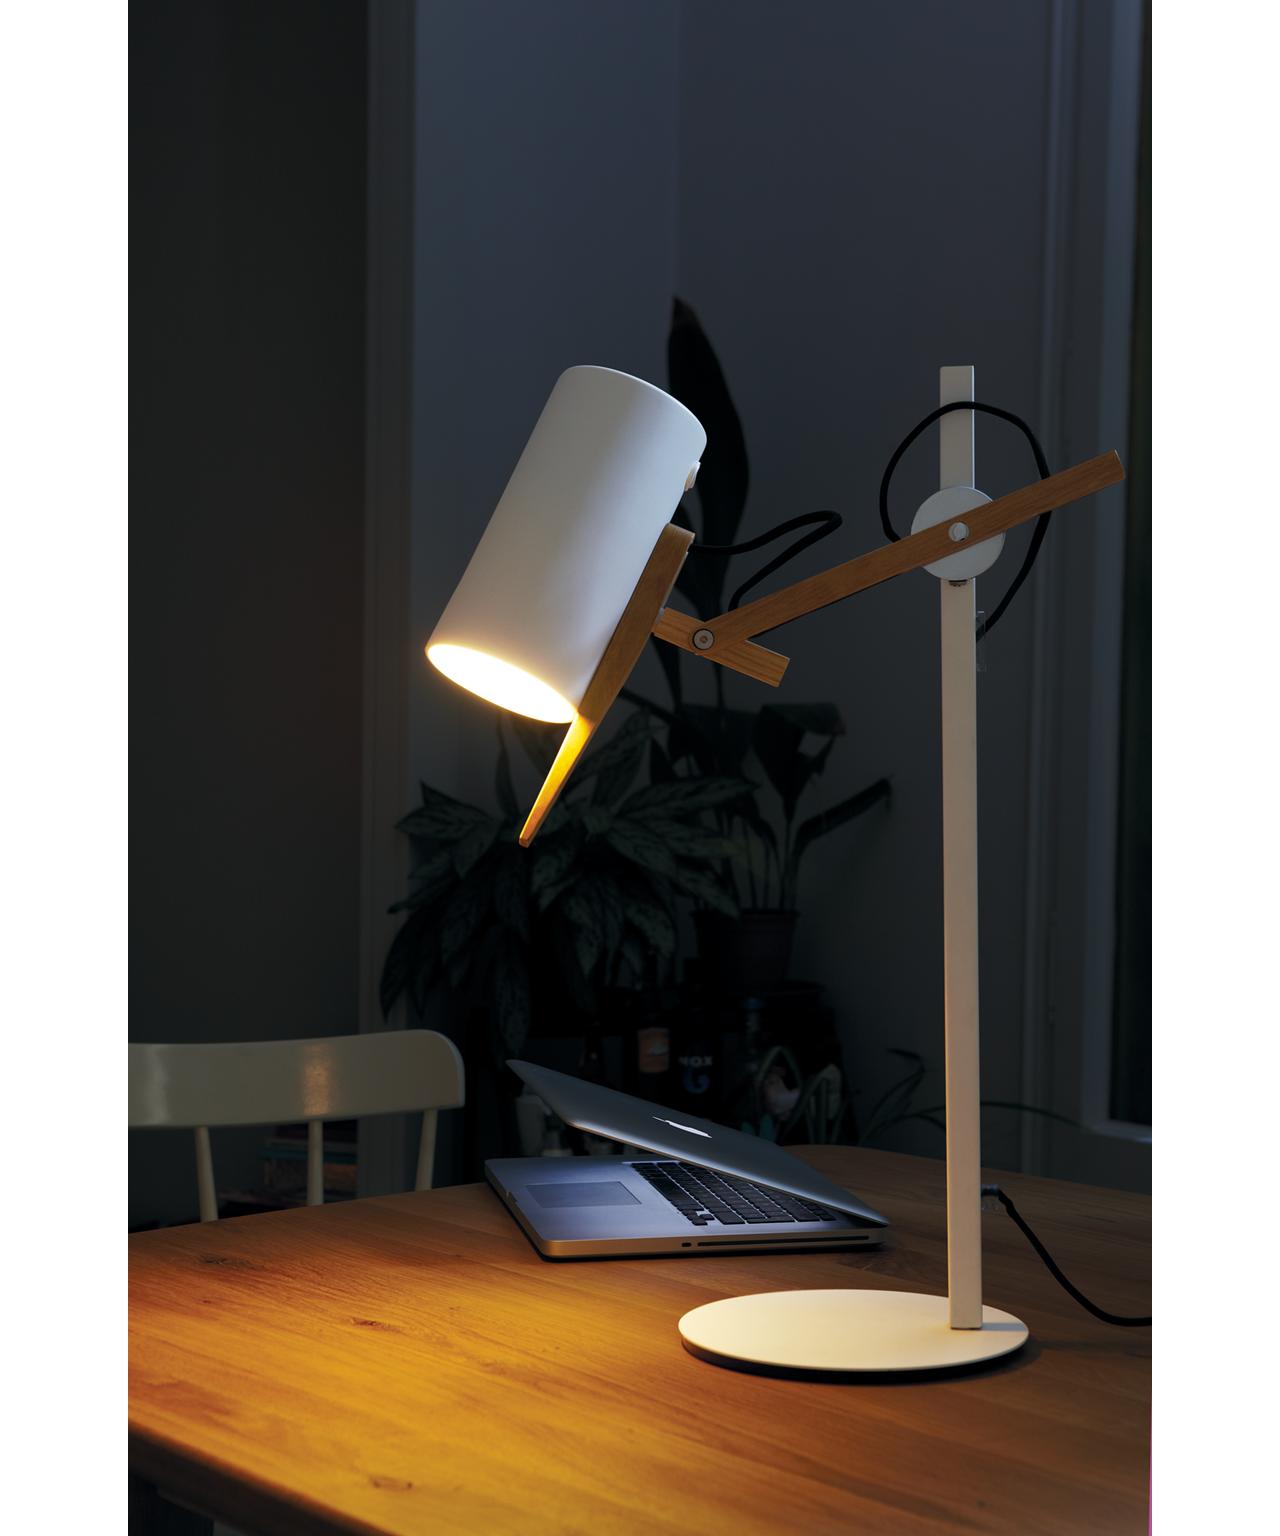 Design  Mathias Hahn for Marset  Koncept  Scantling i hvid og eg fra Marset er en bordlampe med en meget stor personlighed, der har base i smukke geometriske grundformer og brugen af metal og egetræ.  Det er en usædvanlig smidig og fleksibel lampe, som du kan rotere og dermed præcisere, hvorpå du vil rette lys og skygge.  Perfekt som læselys overalt; på sengebordet, skrivebordet og arbejdsbordet.